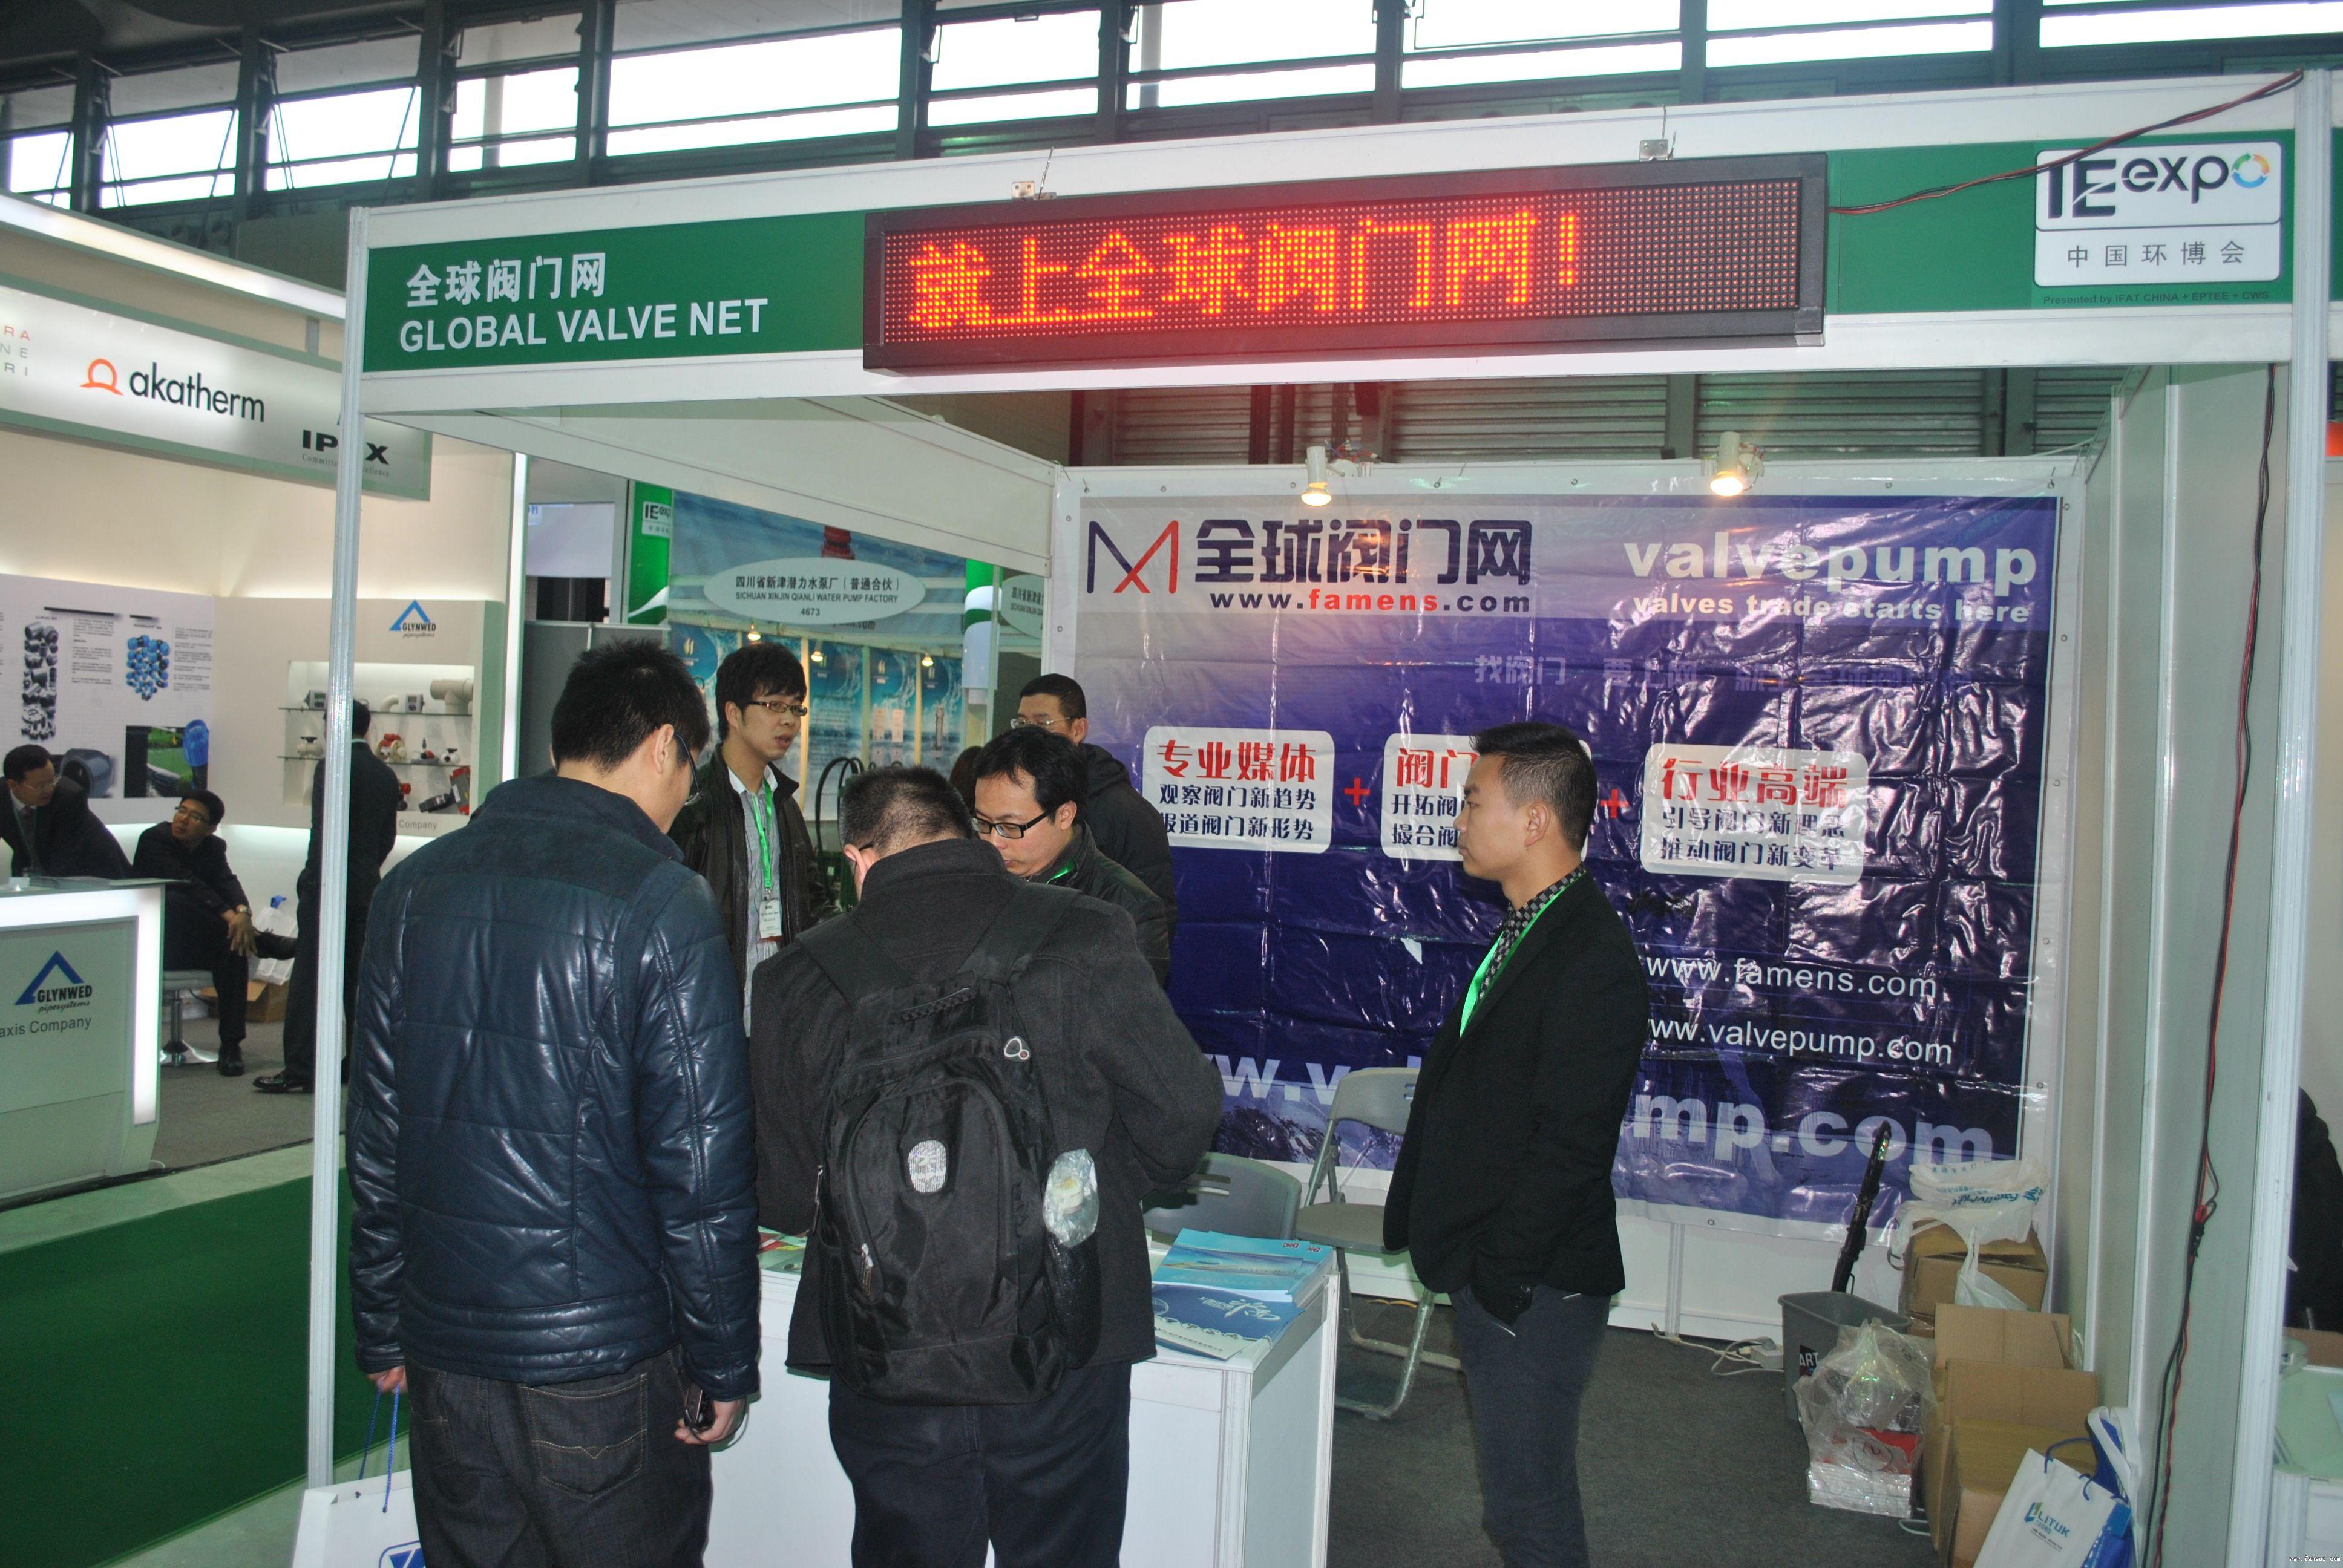 全球阀门网参加2012IE expo中国环博会